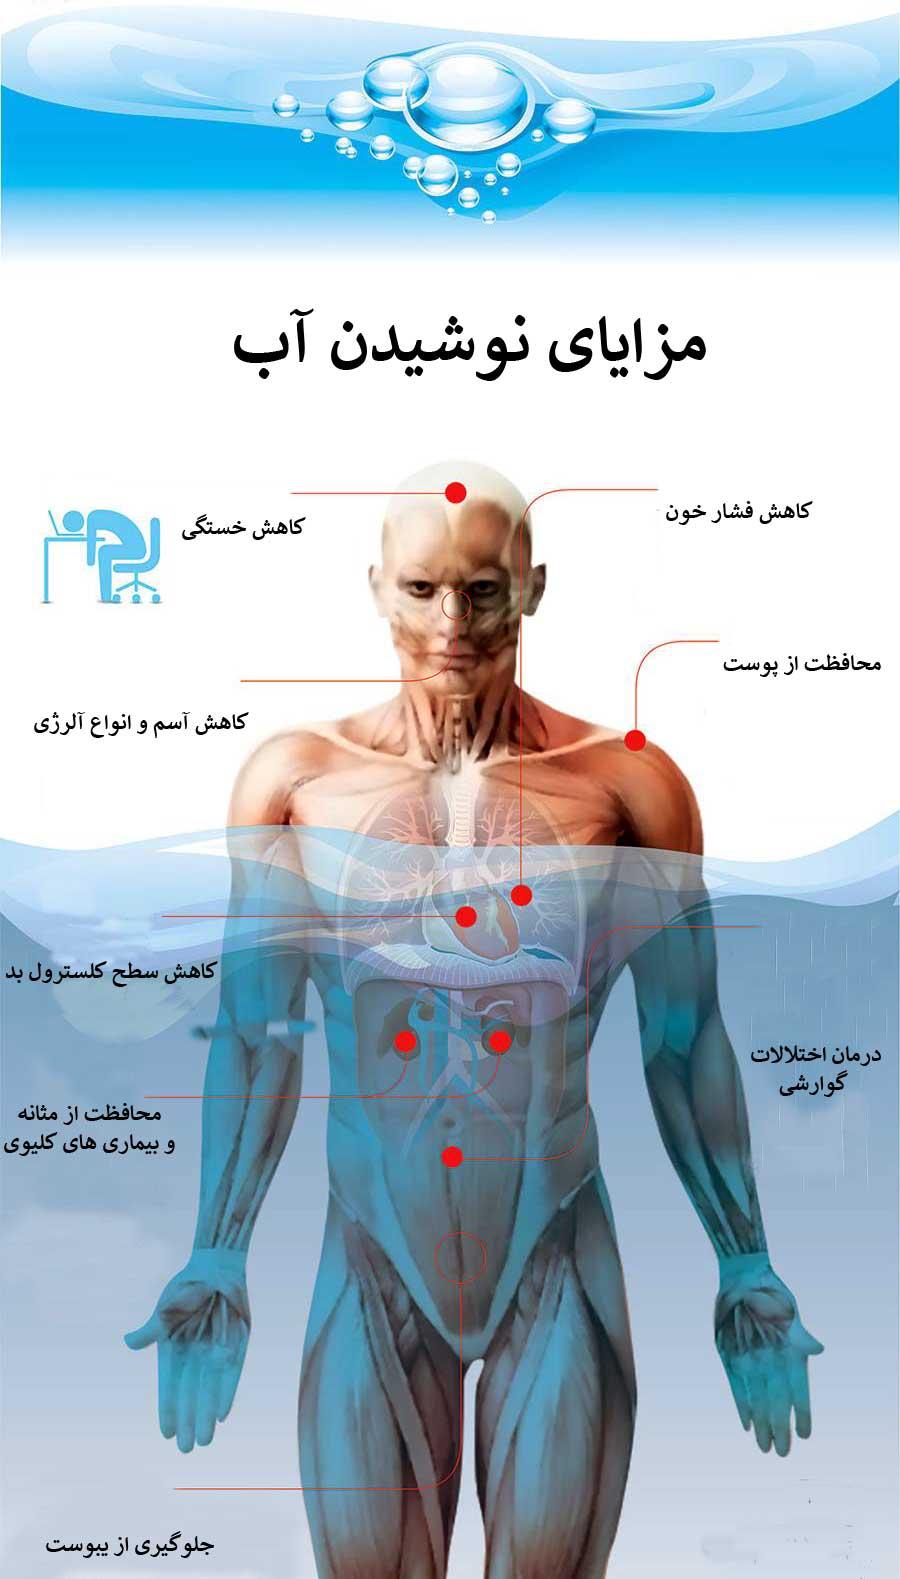 تاثیر نوشیدن آب در متابولیسم بدن